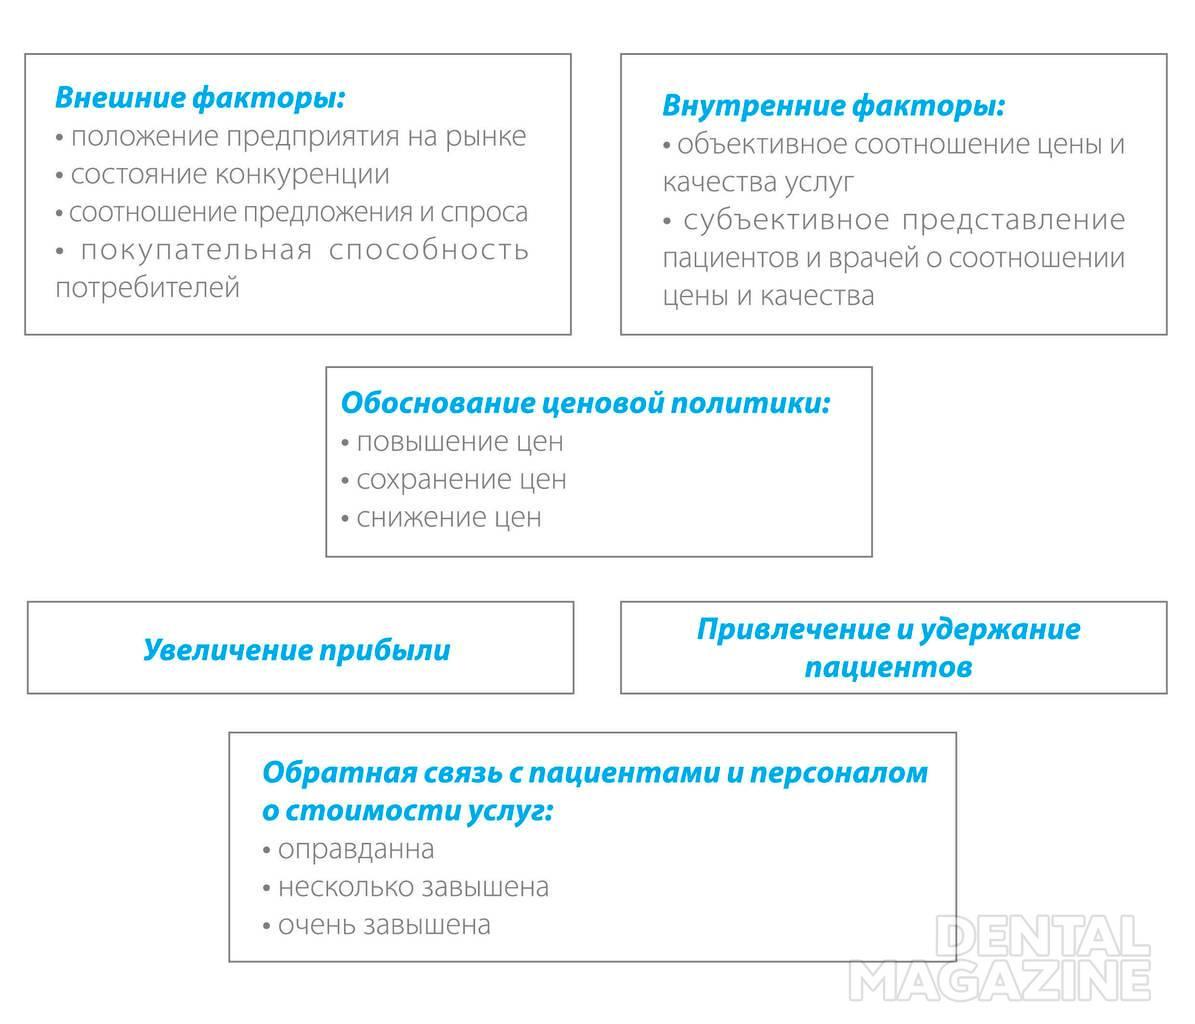 Схема 1. Ценовая политика как бизнес-процесс